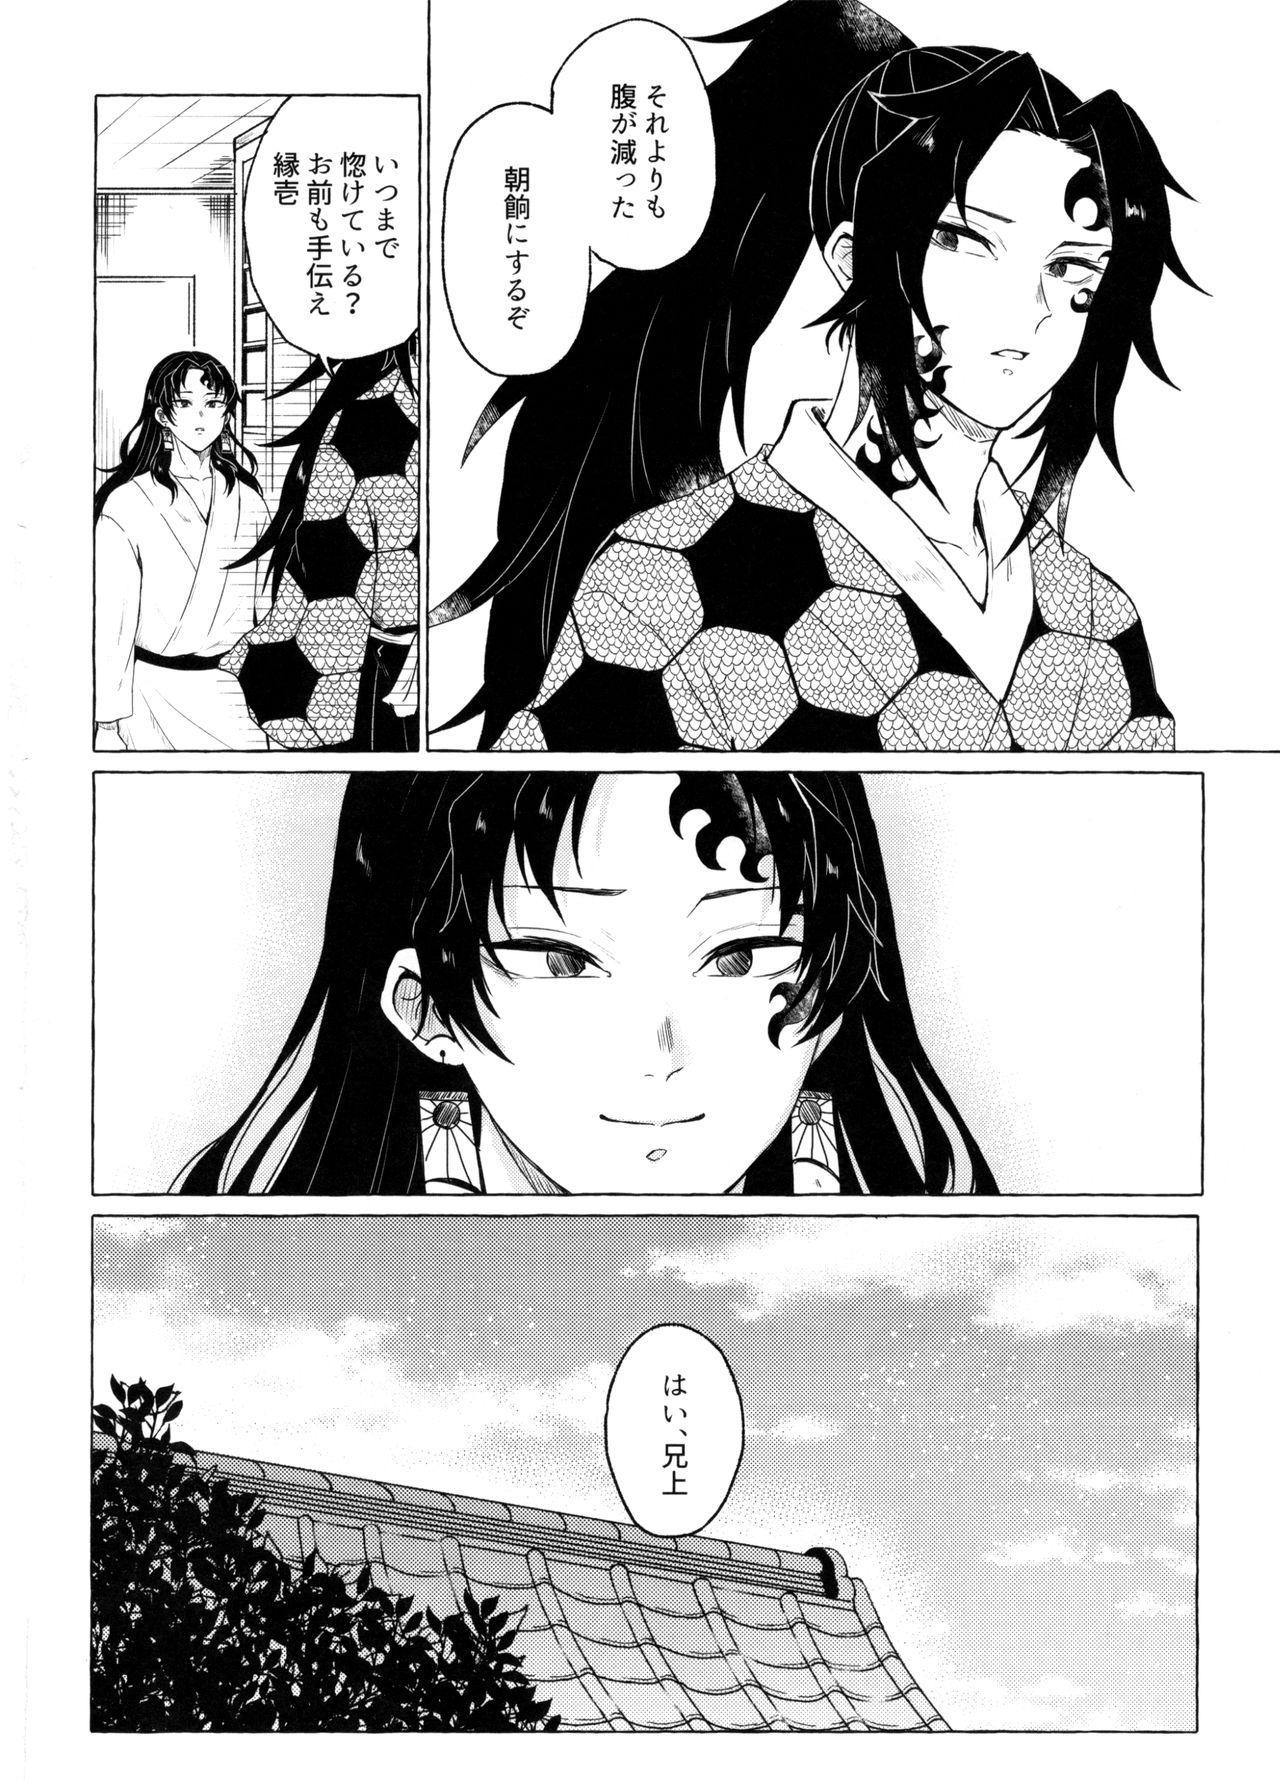 Tanoshii Jigoku no Icchoume 40